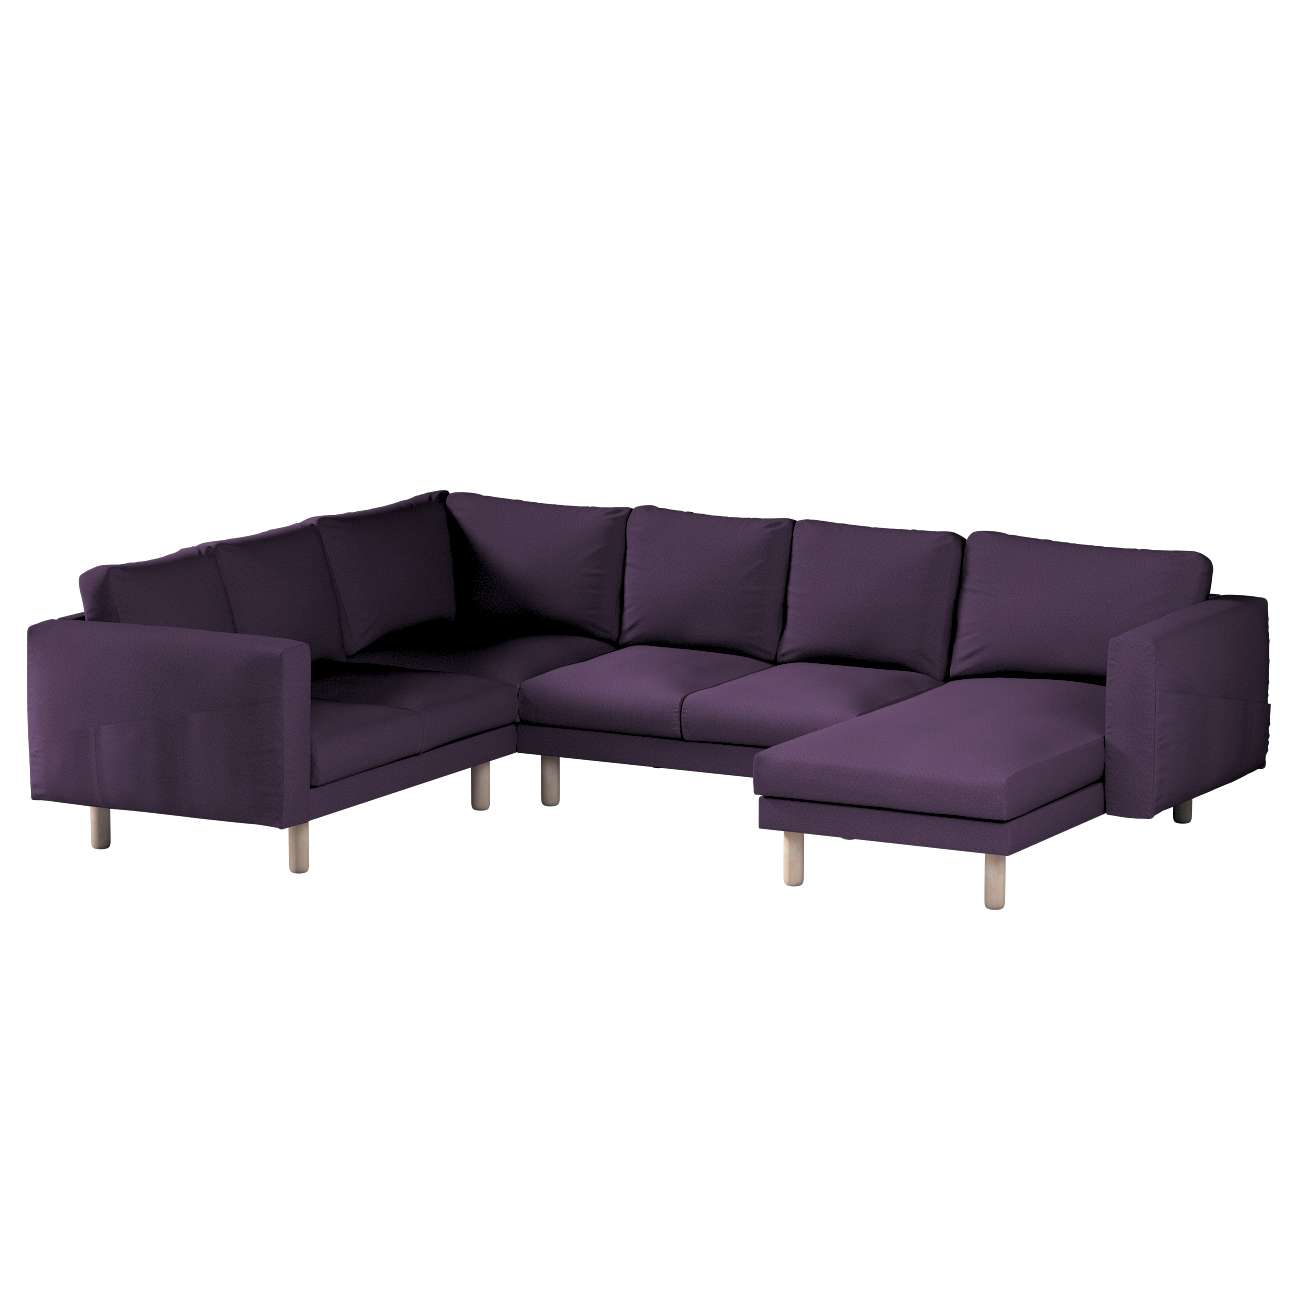 Pokrowiec na sofę narożną Norsborg 5-osobową z szezlongiem w kolekcji Etna, tkanina: 161-27